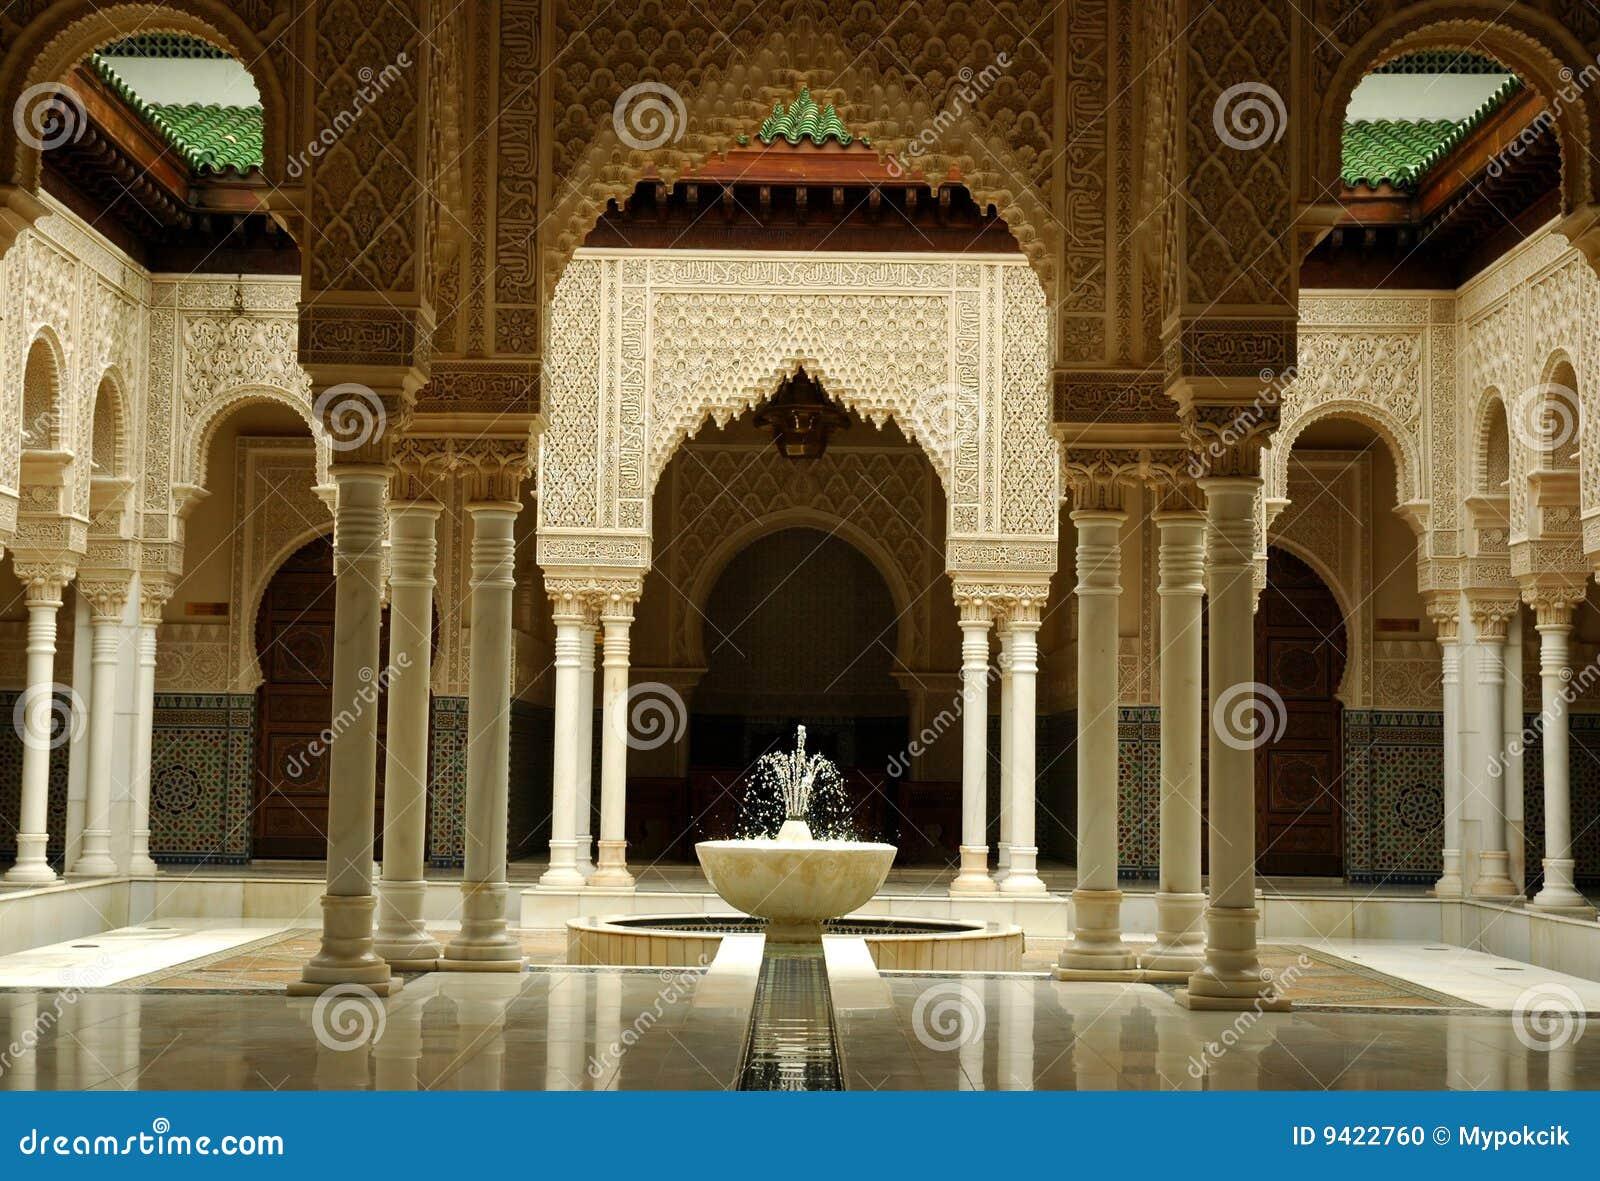 moroccan architecture interior stock photo - image: 9422760